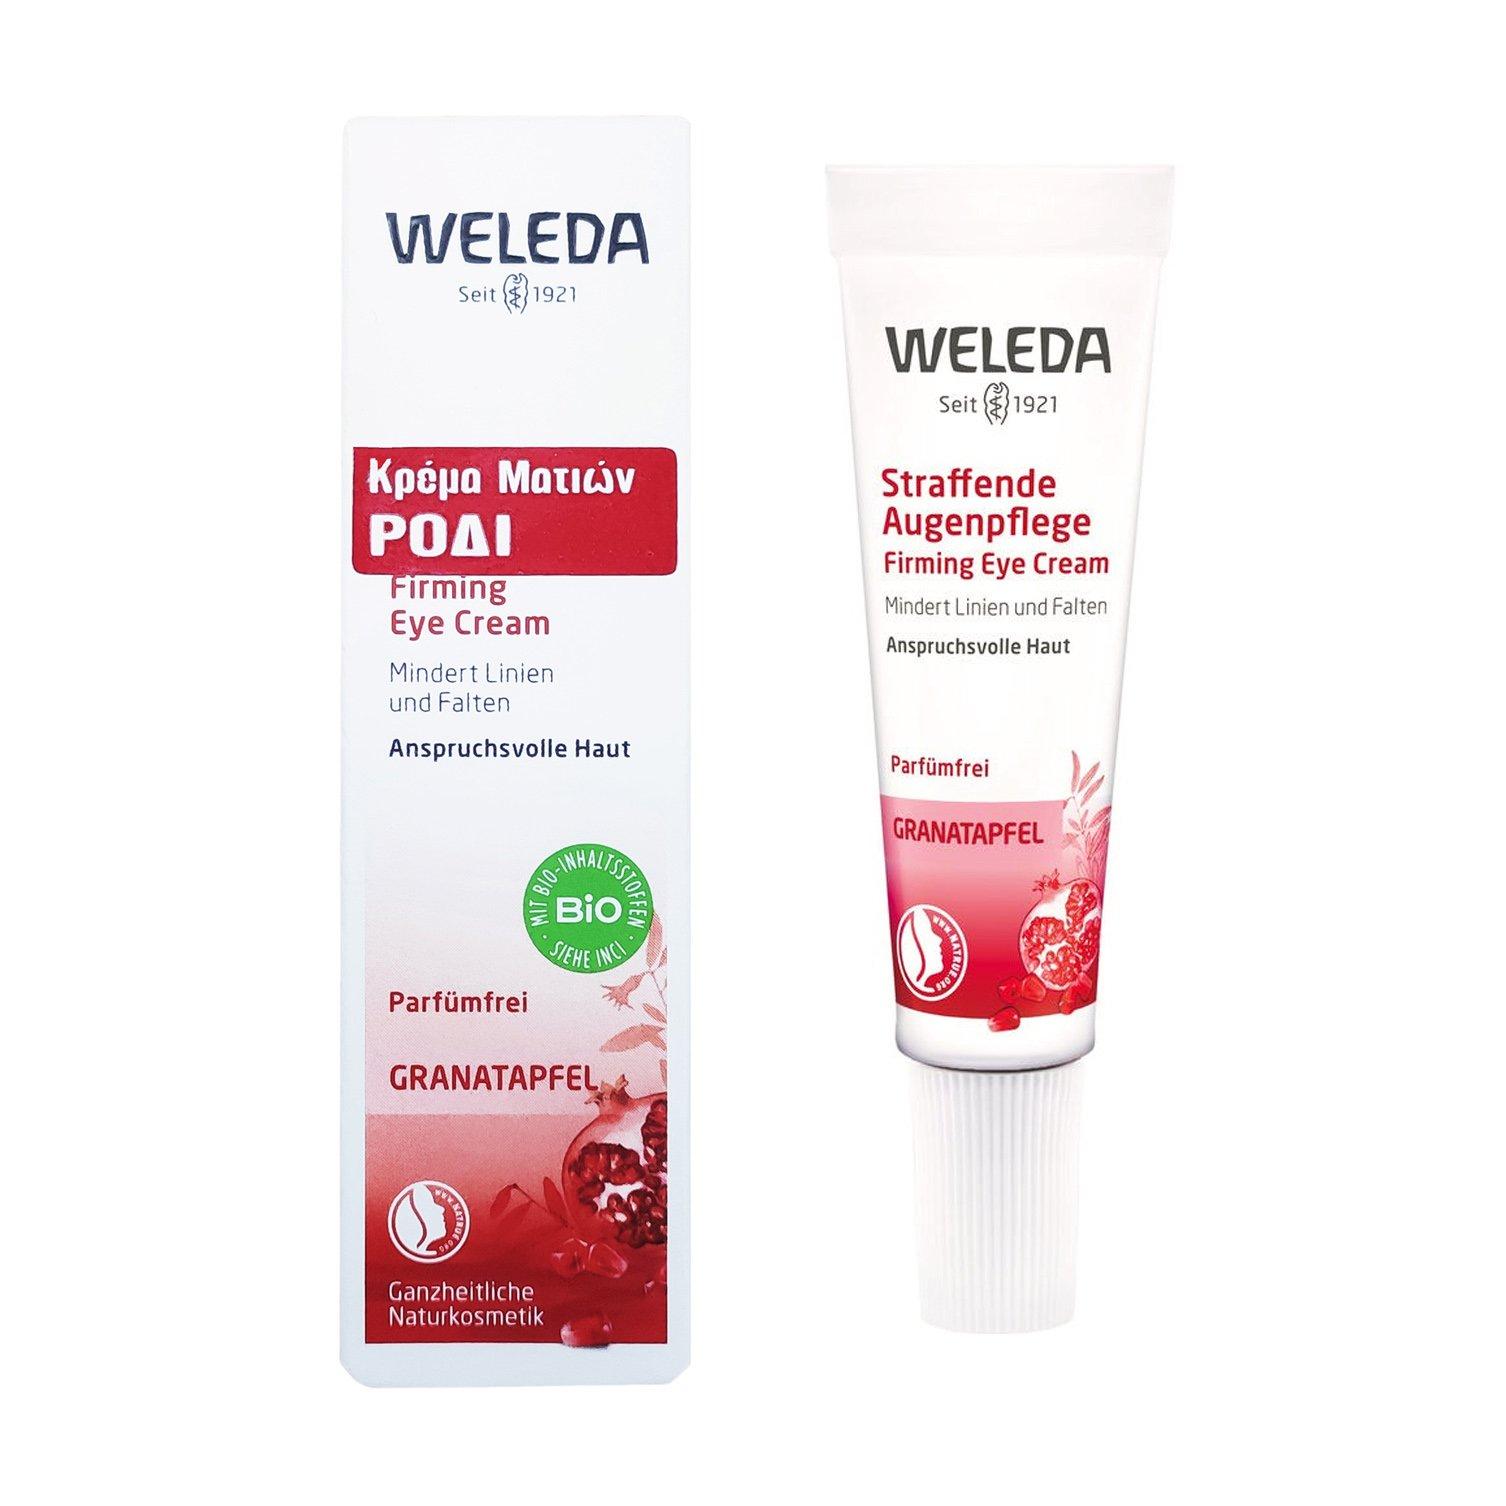 Weleda Firming Eye Cream Κρέμα Ματιών με Ρόδι Ειδικά Σχεδιασμένη για το Δέρμα Γύρω Από τα Μάτια 10ml